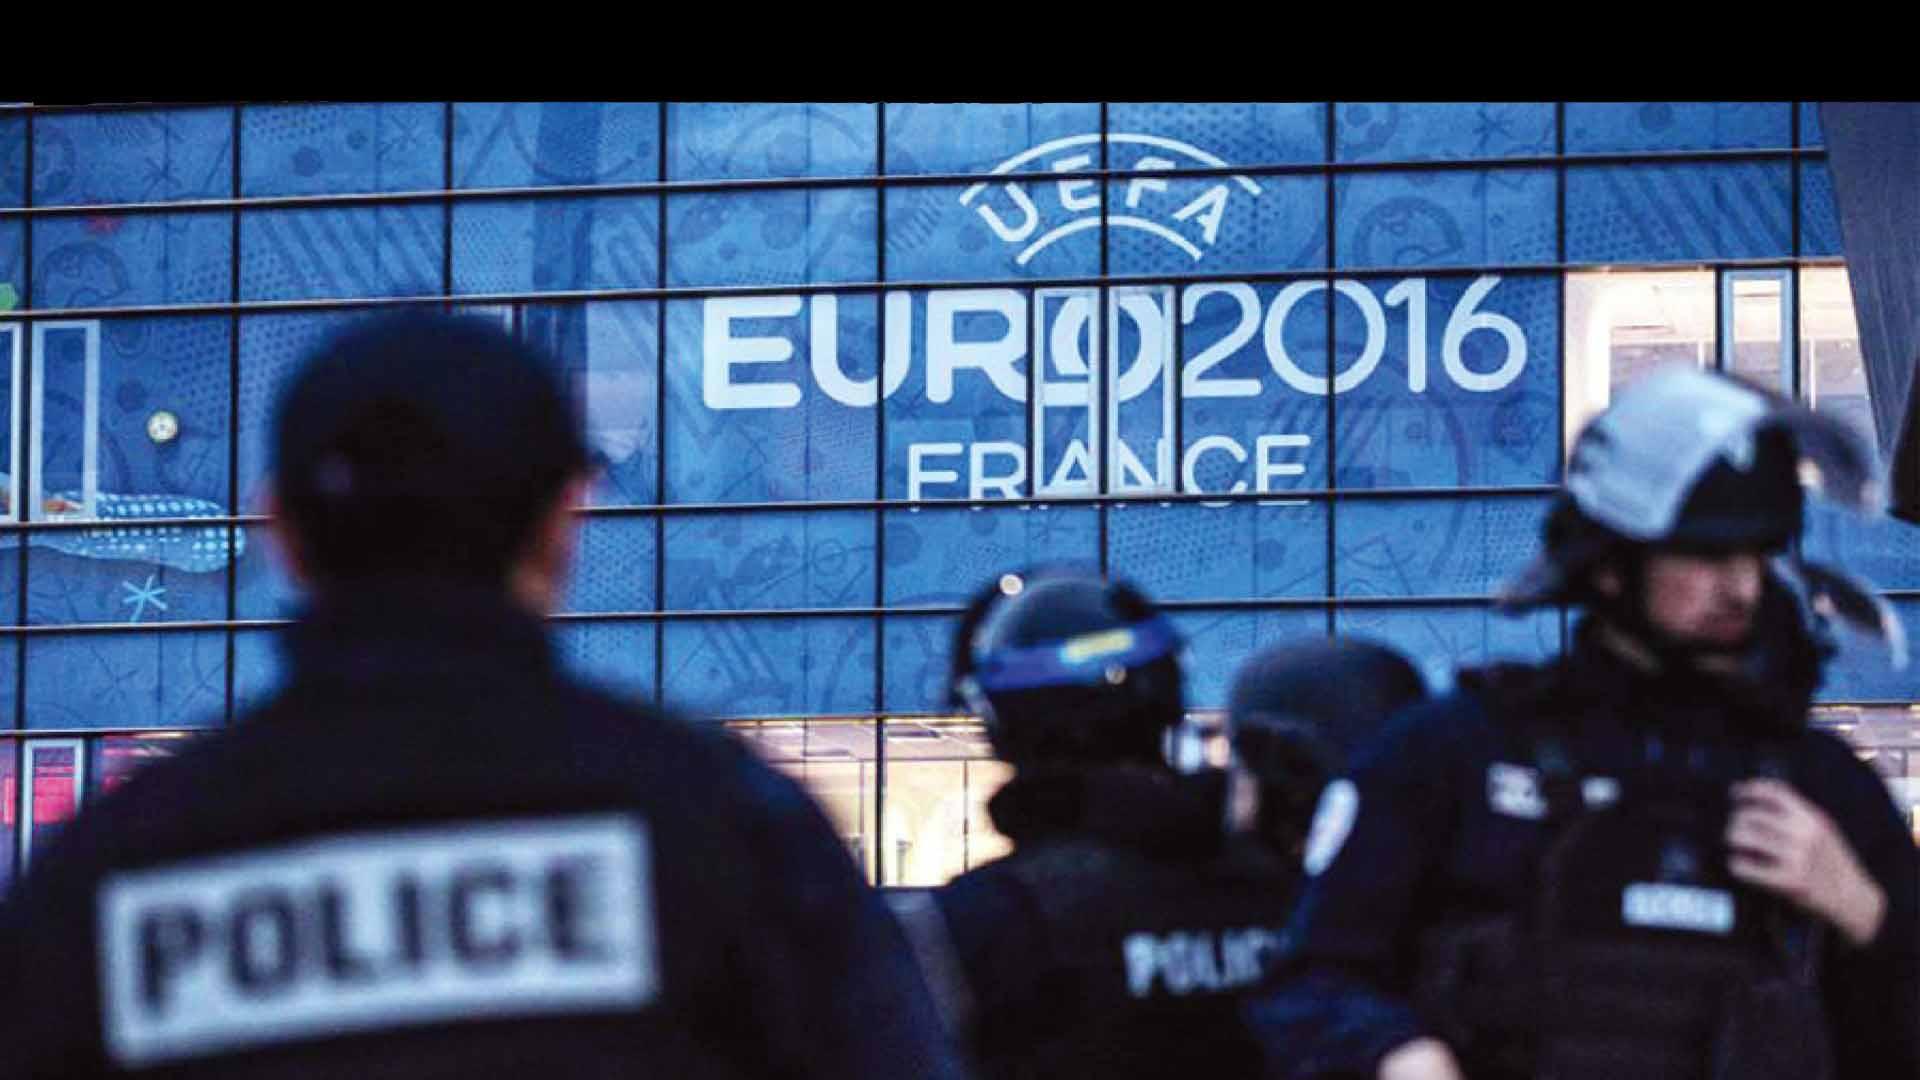 El ministro del Interior informó que hasta 34 personas fueron expulsadas del país por significar una amenaza para el torneo